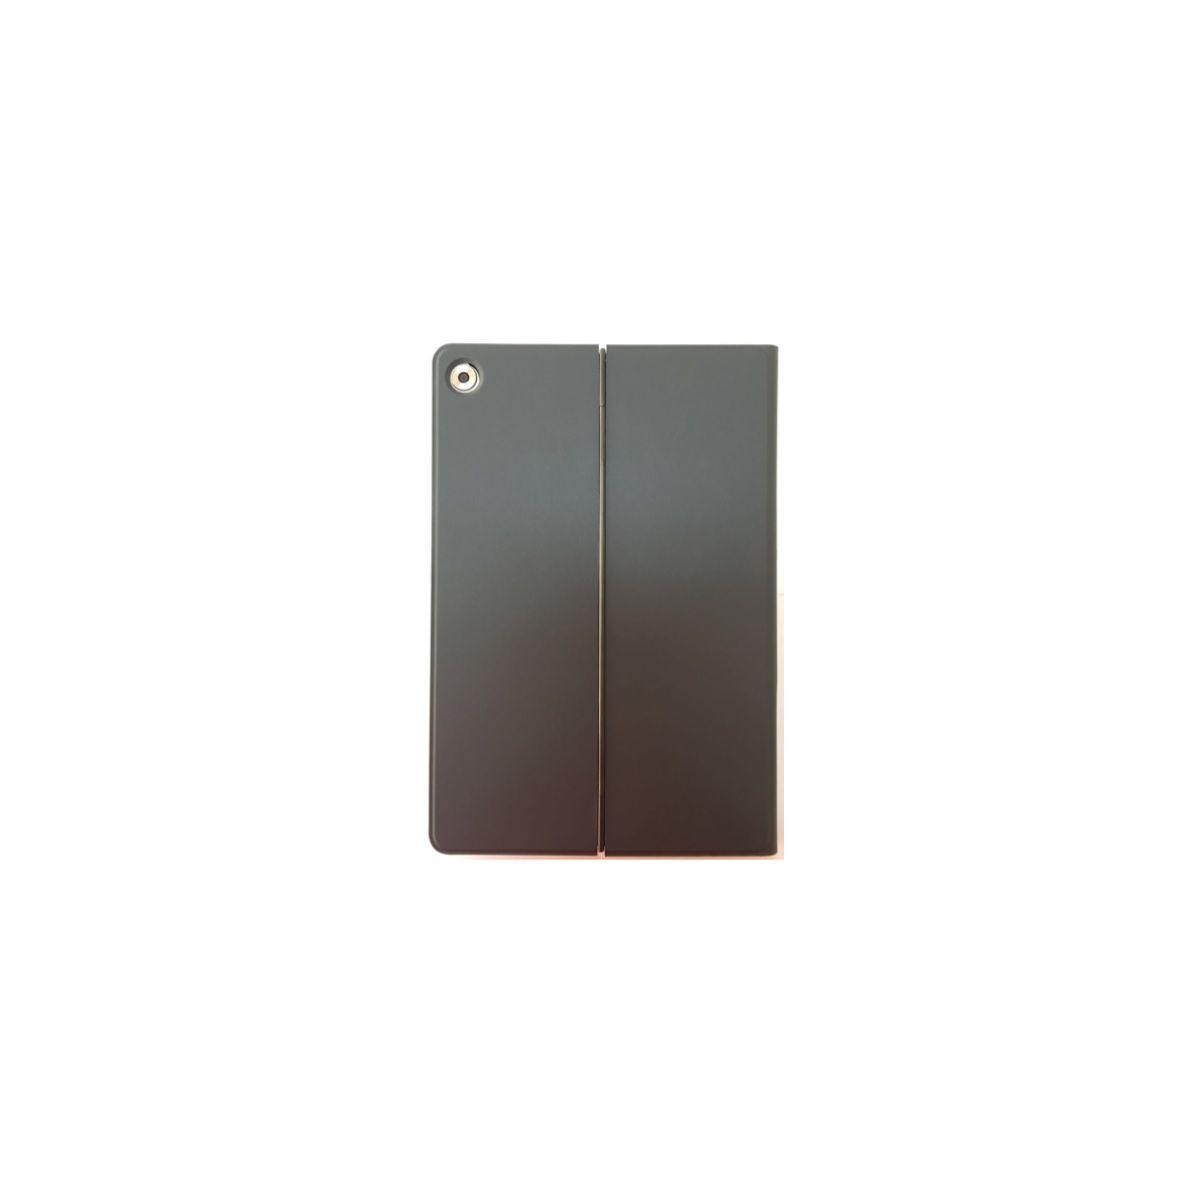 Clavier sans fil huawei keyboard cover pour huawei m5 - 10% de...